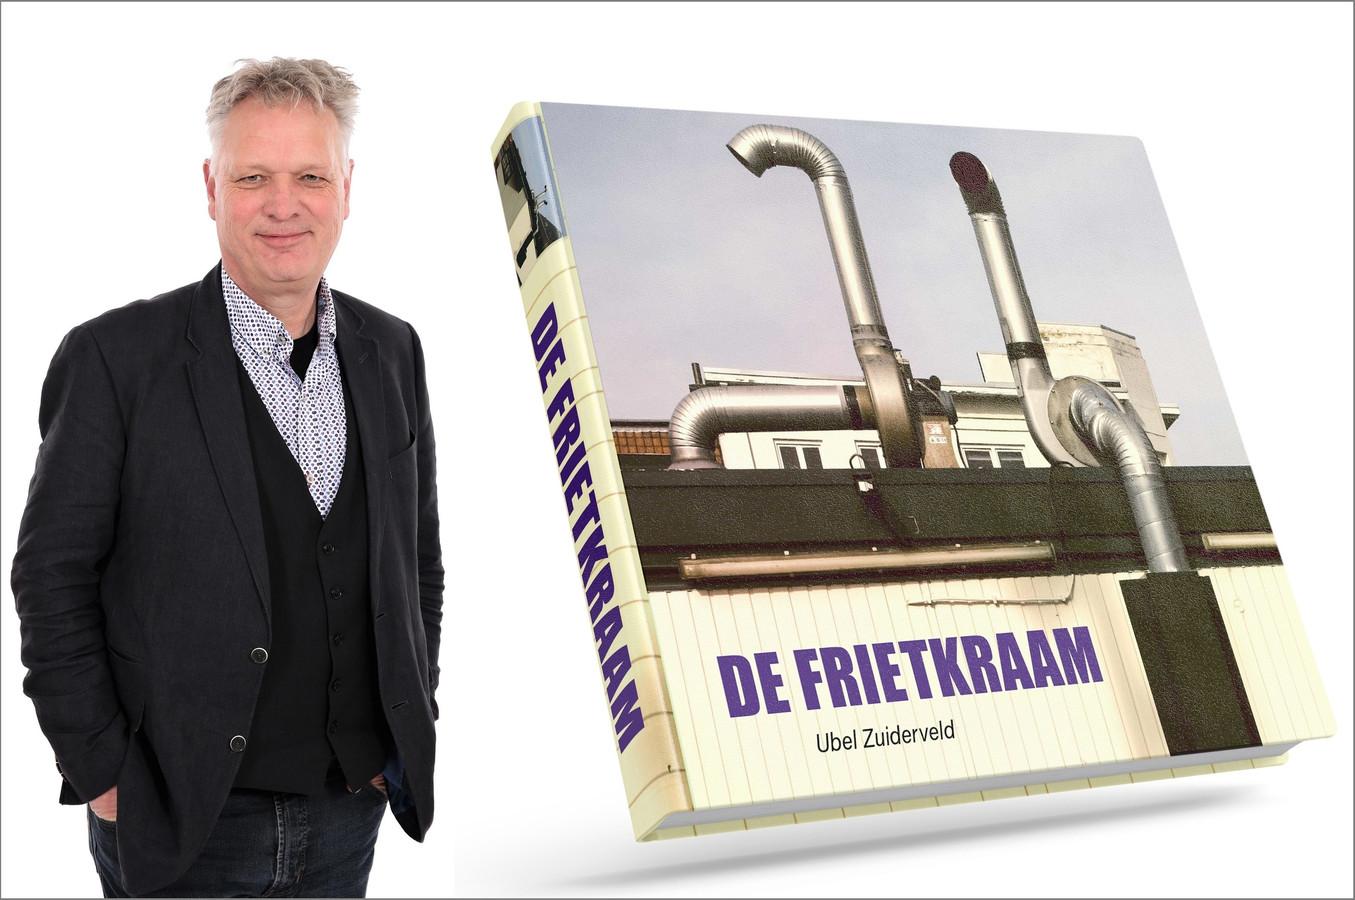 Ubel Zuiderveld met zijn boek 'De Frietkraam'